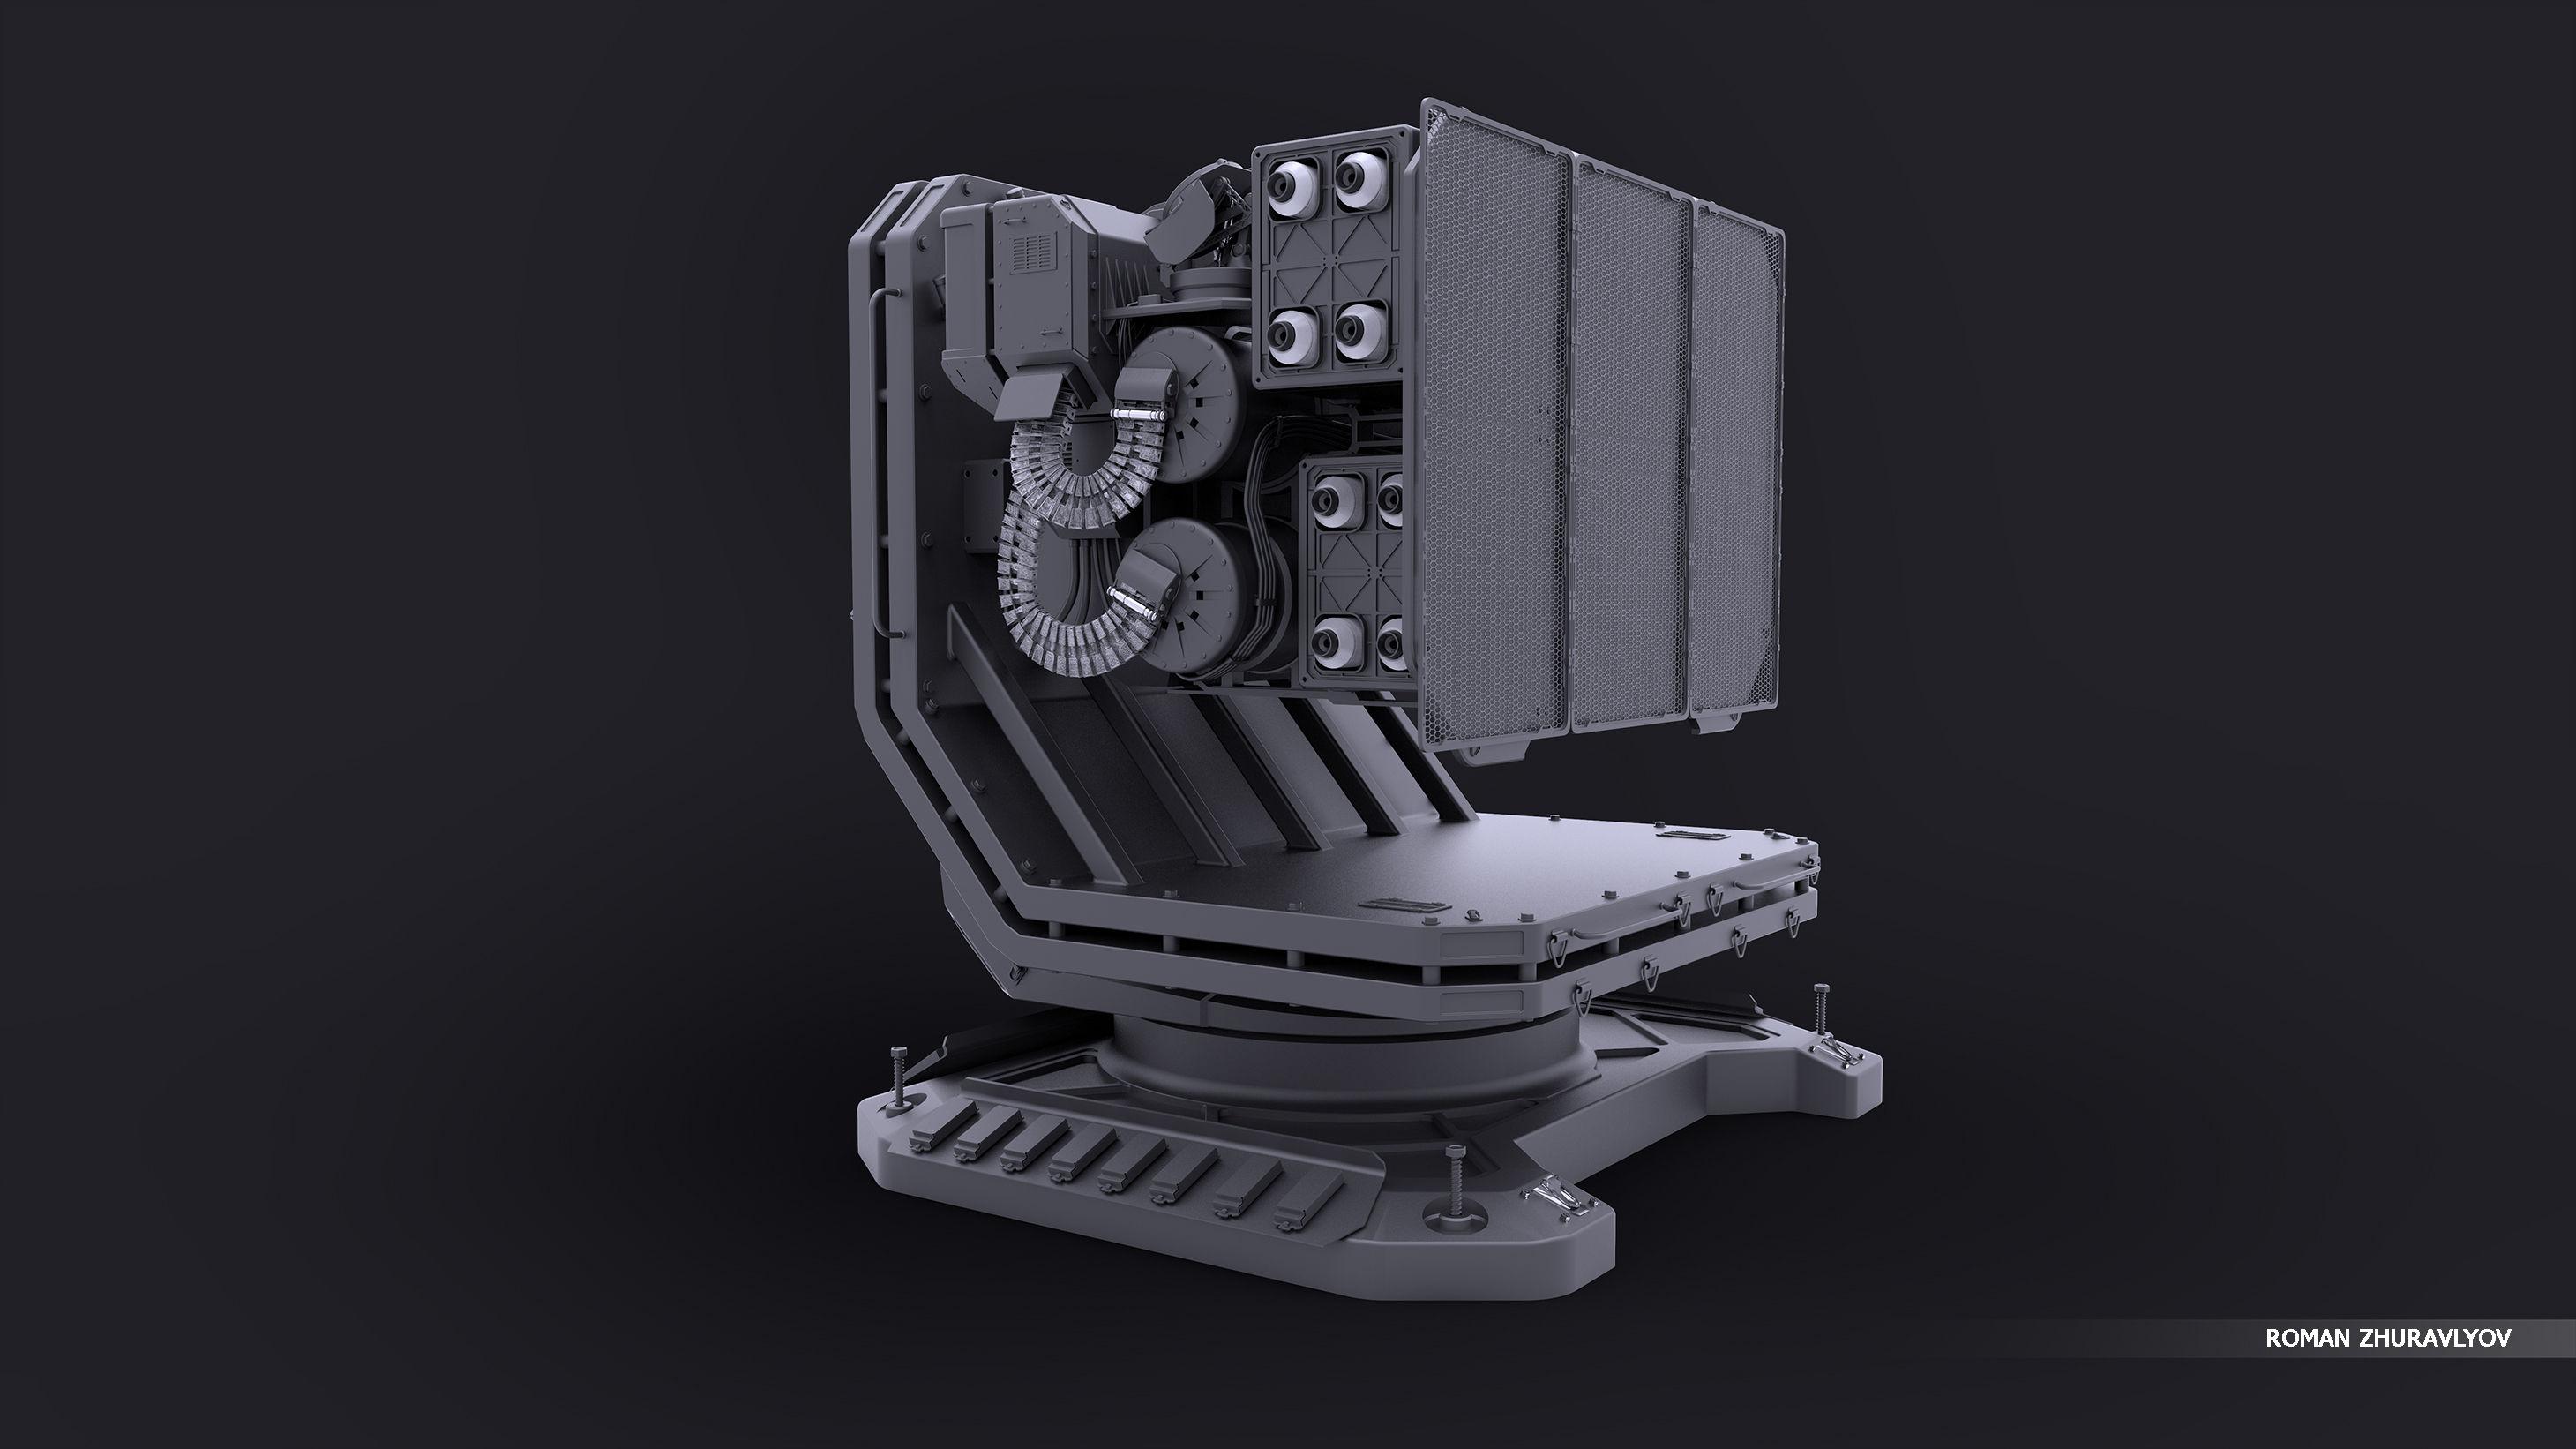 Turret-3-3500-3500